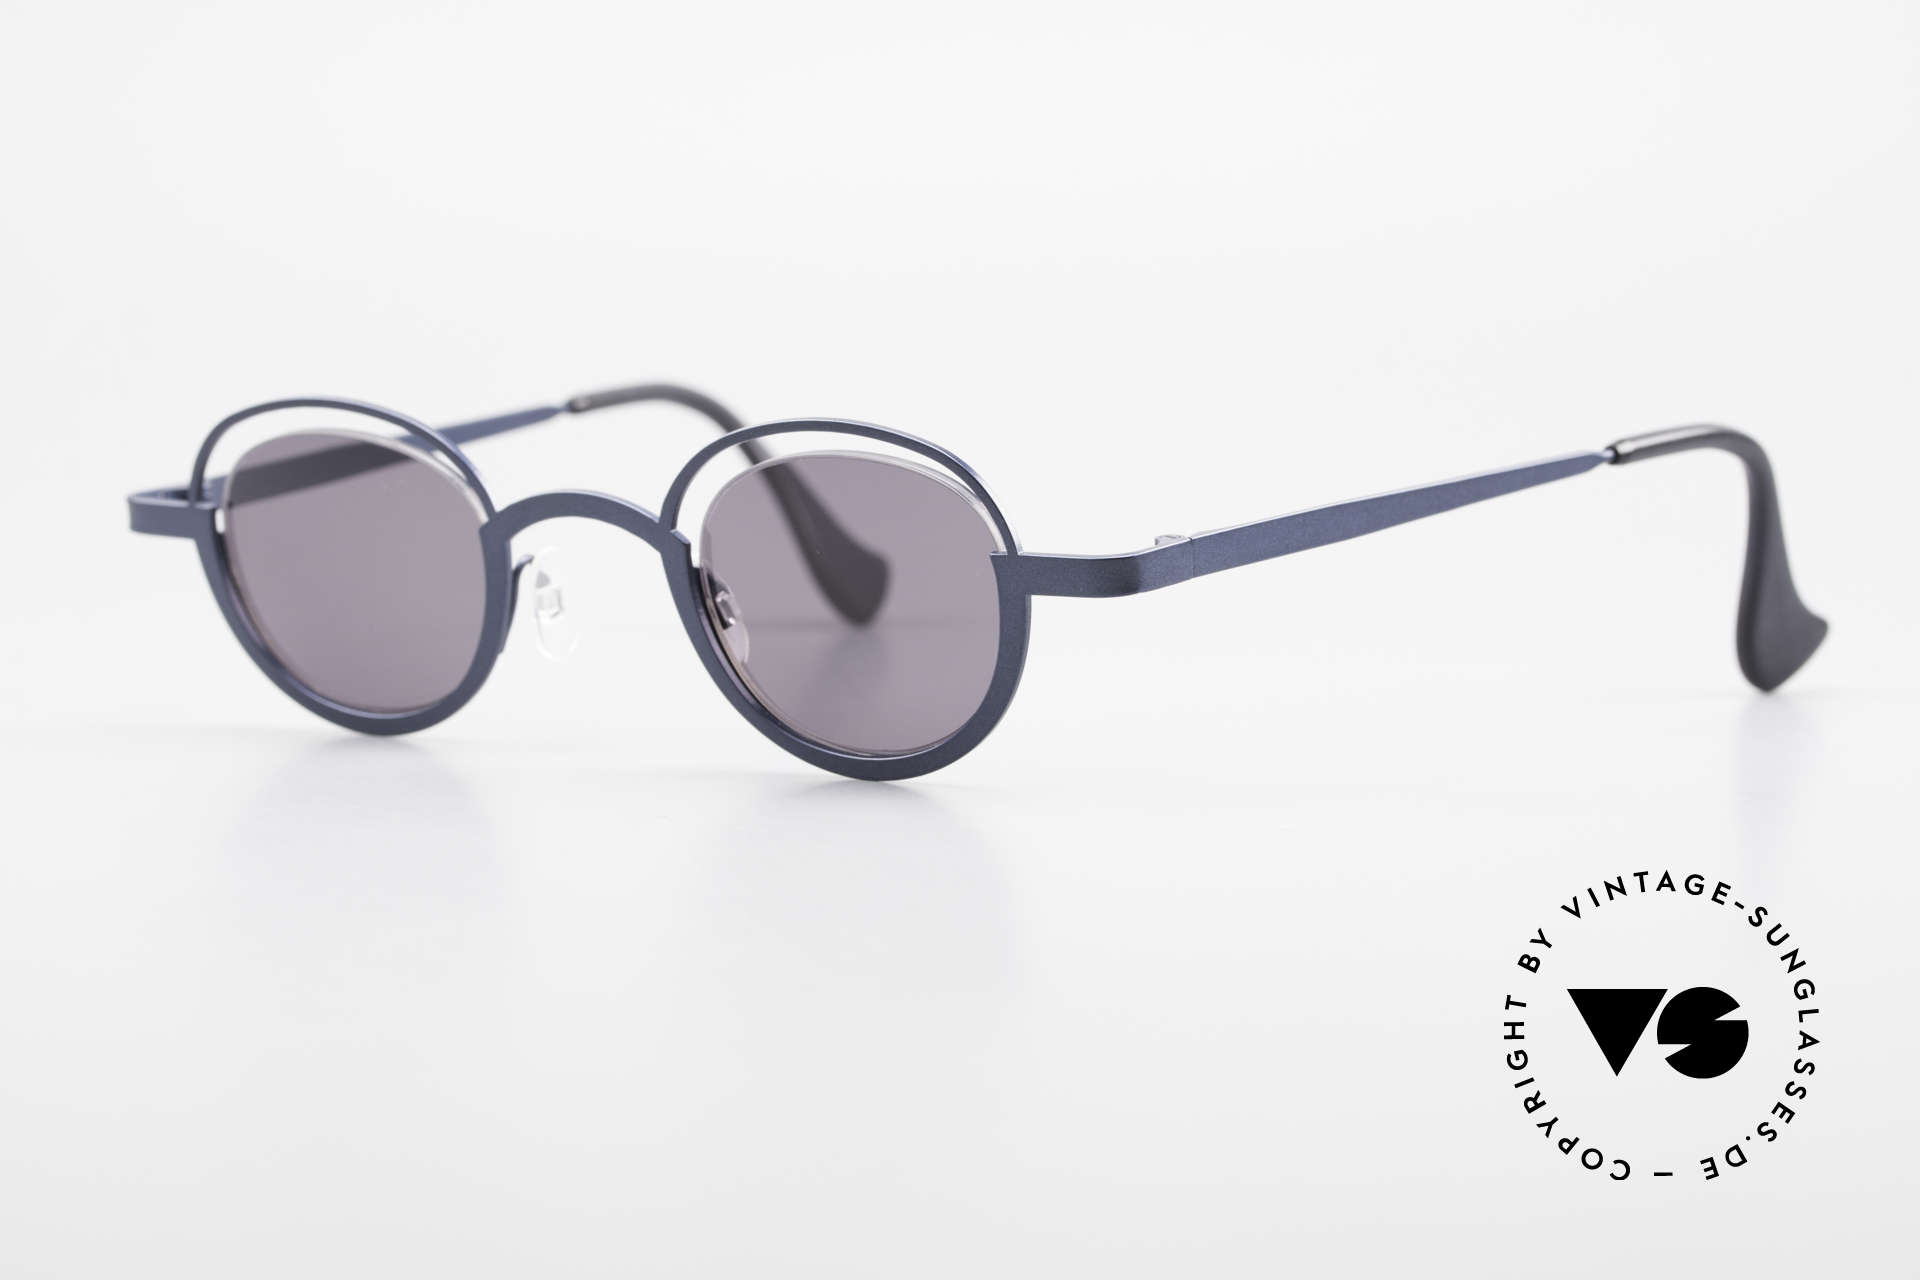 Theo Belgium Dozy Slim Verrückte 90er Sonnenbrille, Gläser werden u.a. durch einen Nylor-Faden gehalten, Passend für Herren und Damen